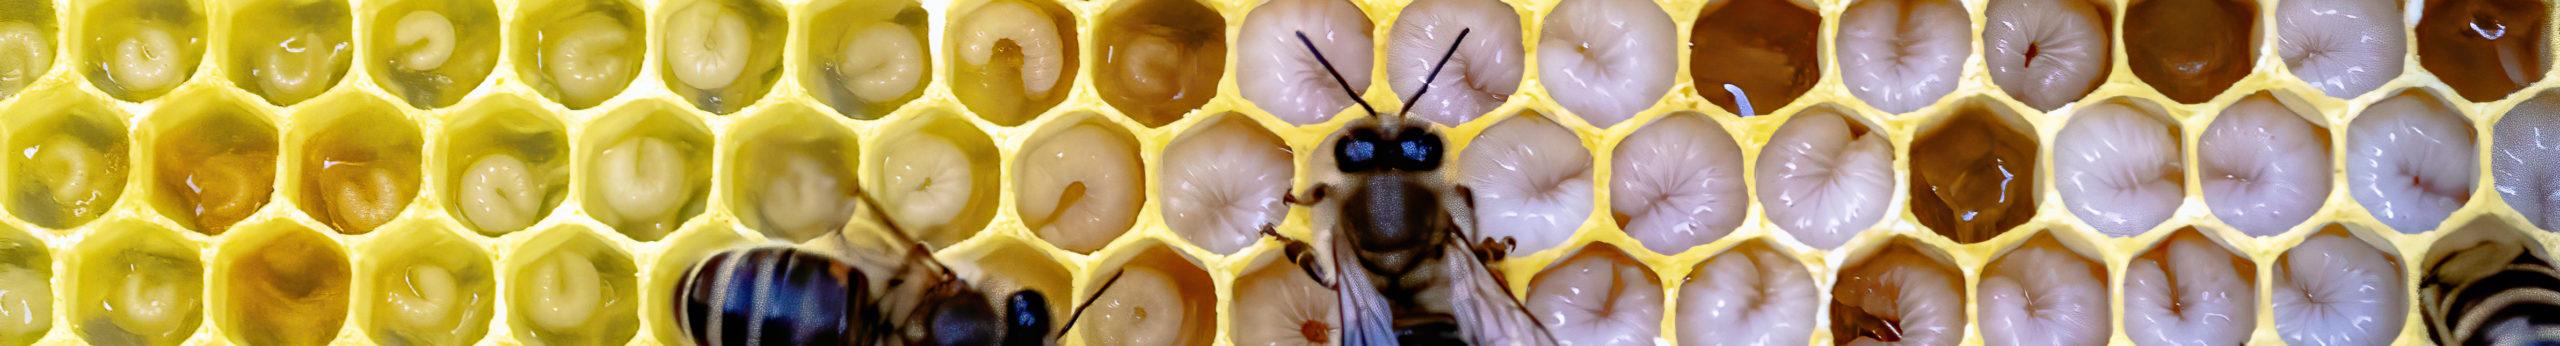 West Suffolk Beekeepers' Association